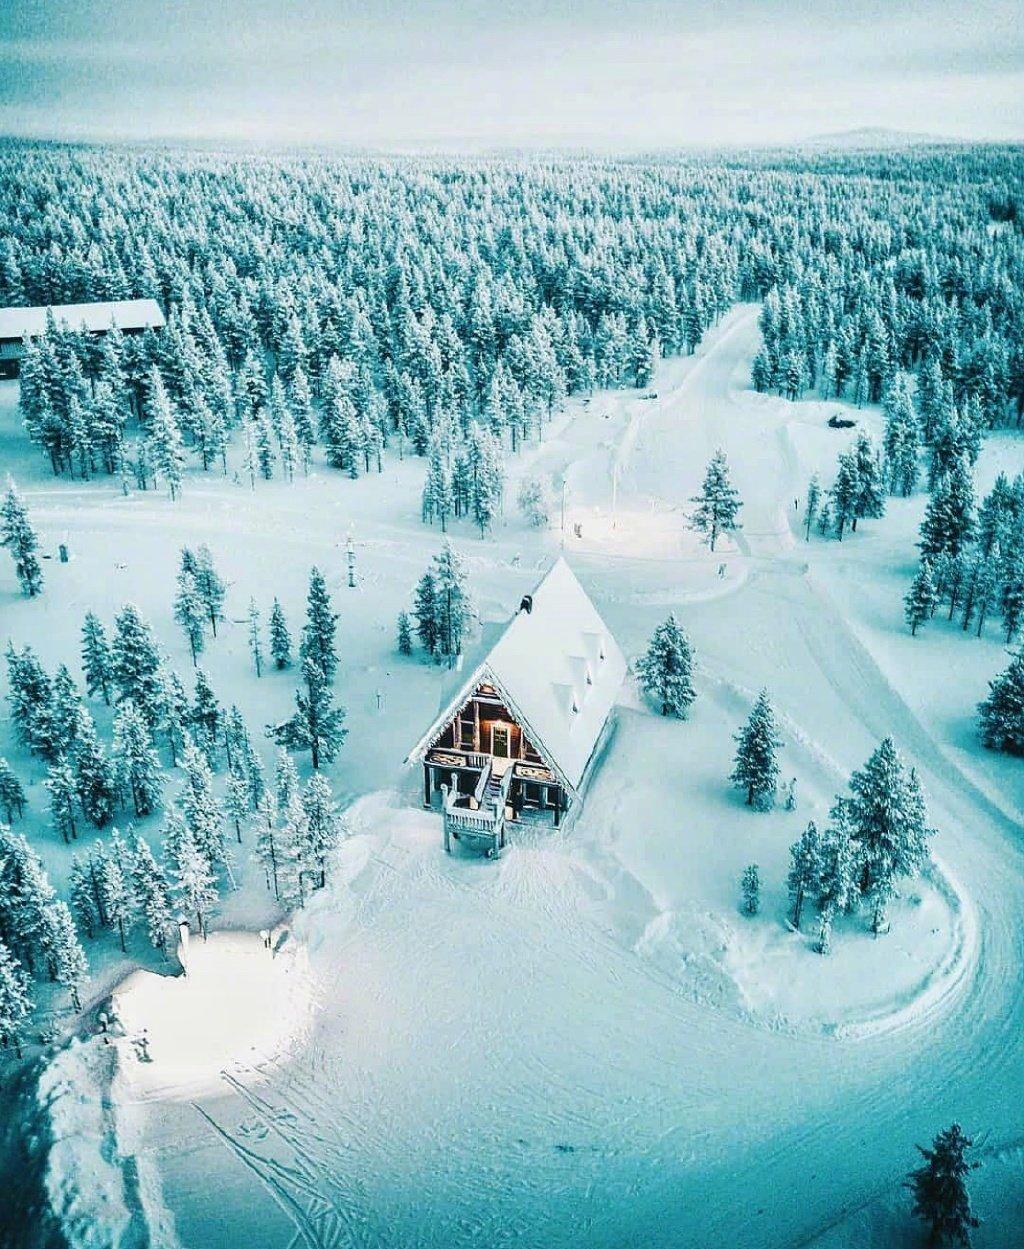 那个深冬的雪摄影人:_marcelsiebert